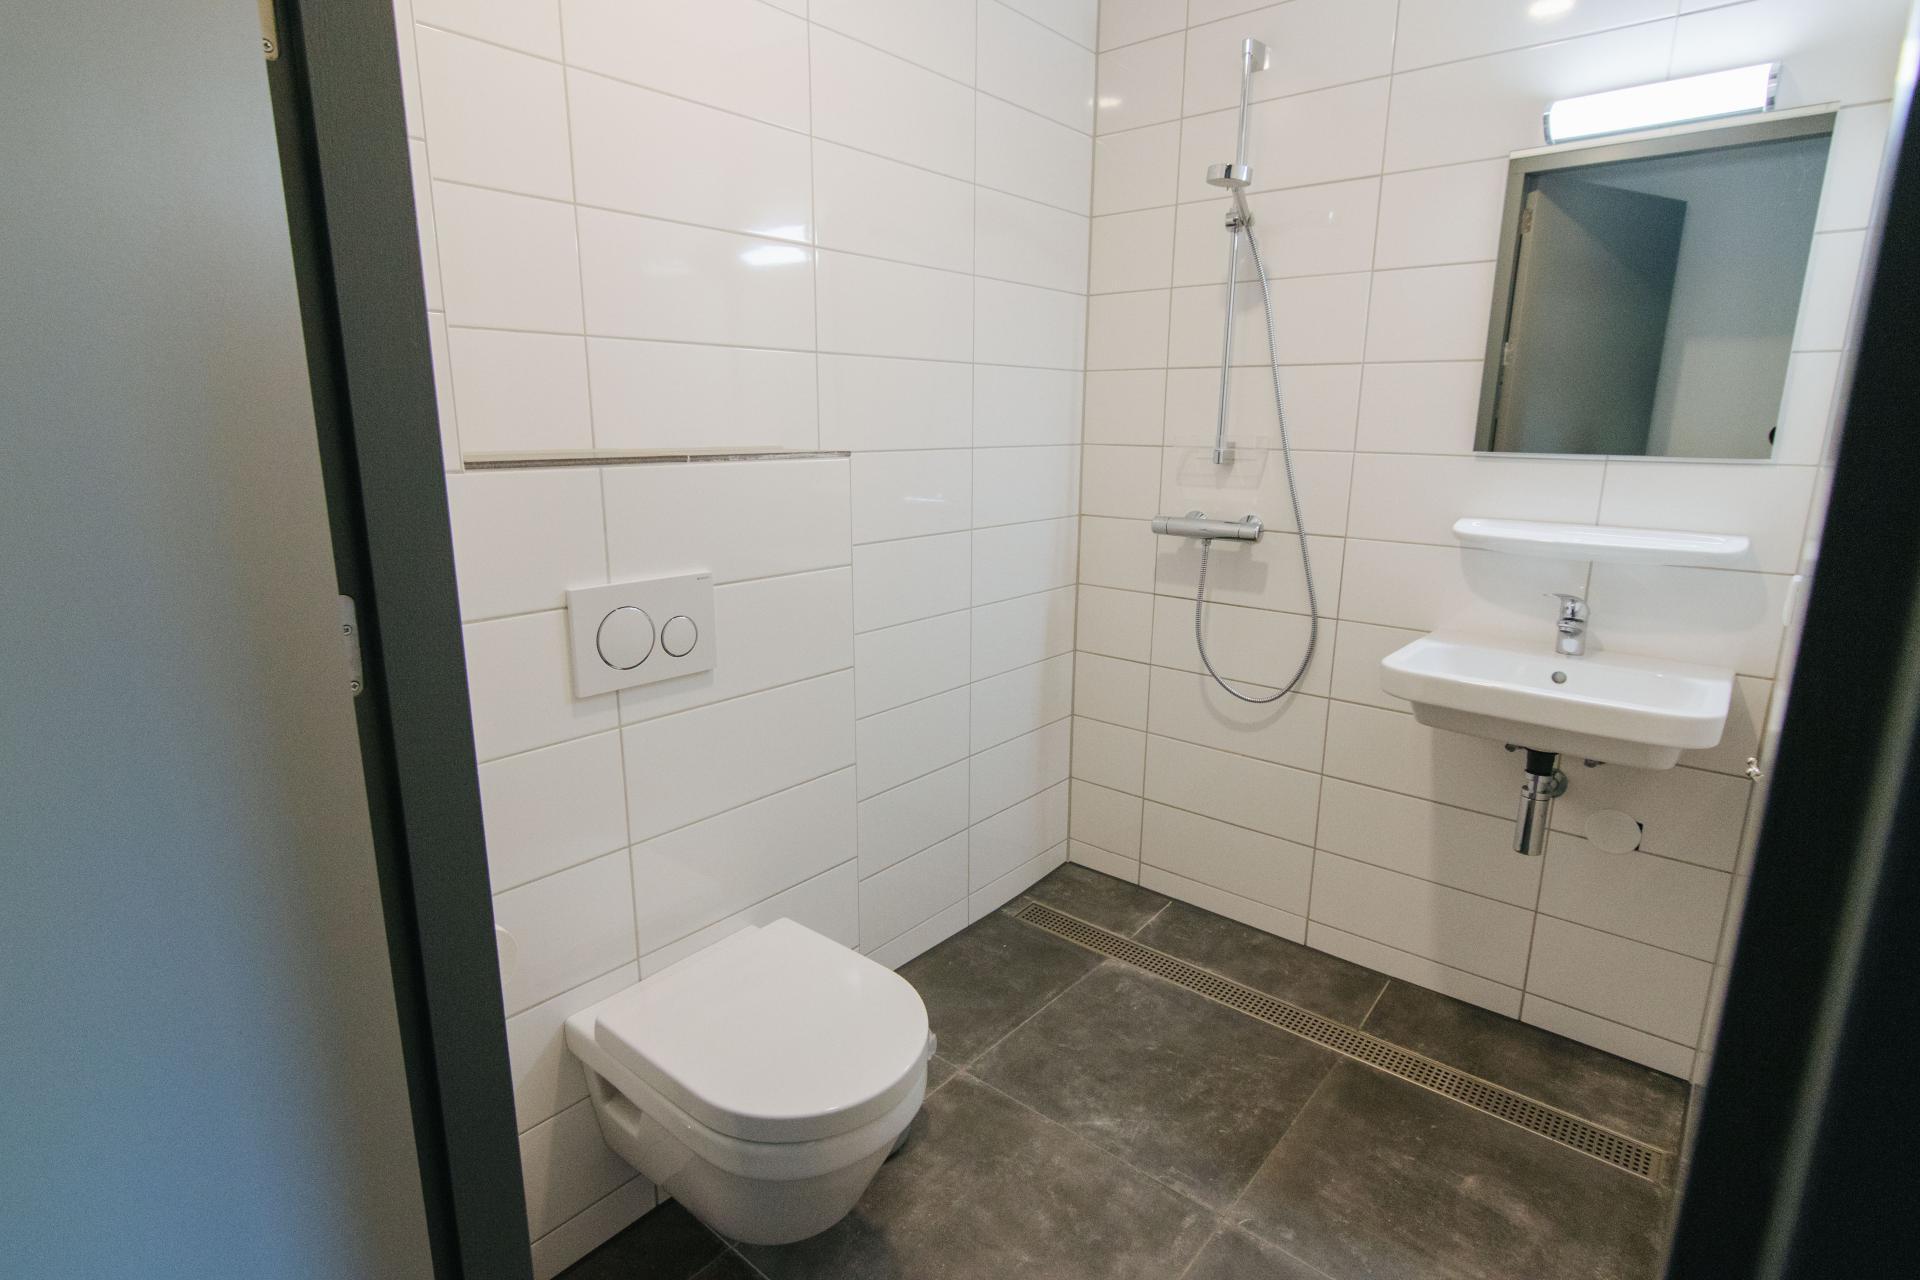 Badkamer in nieuwe slaapvleugel Schop Landgoed de Biestheuvel